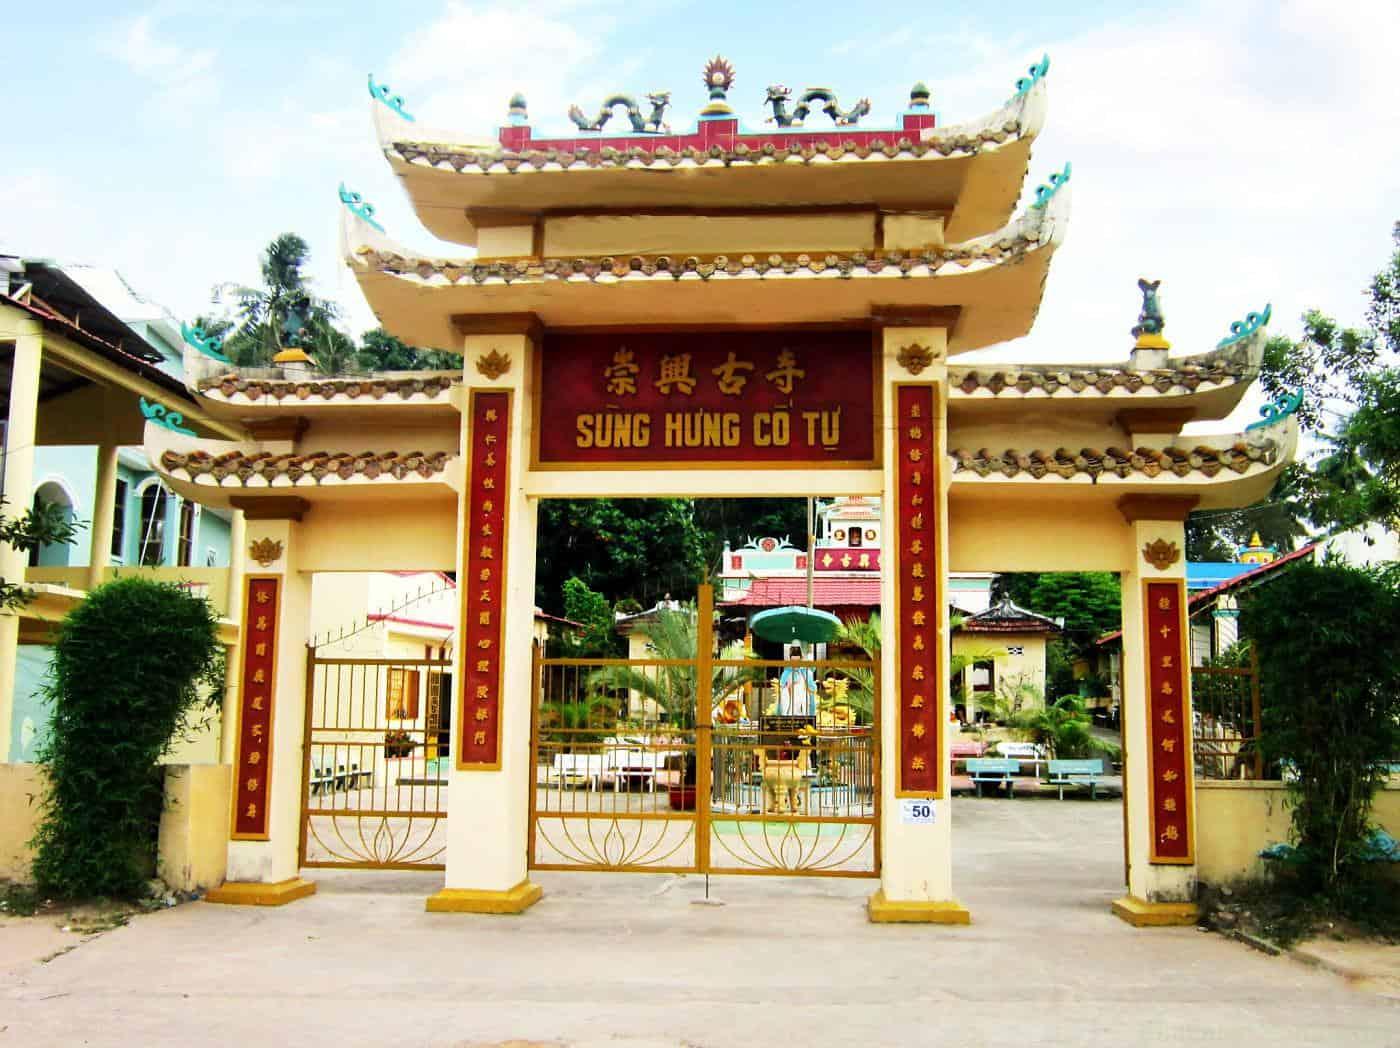 Cổng chính chùa Sùng Hưng